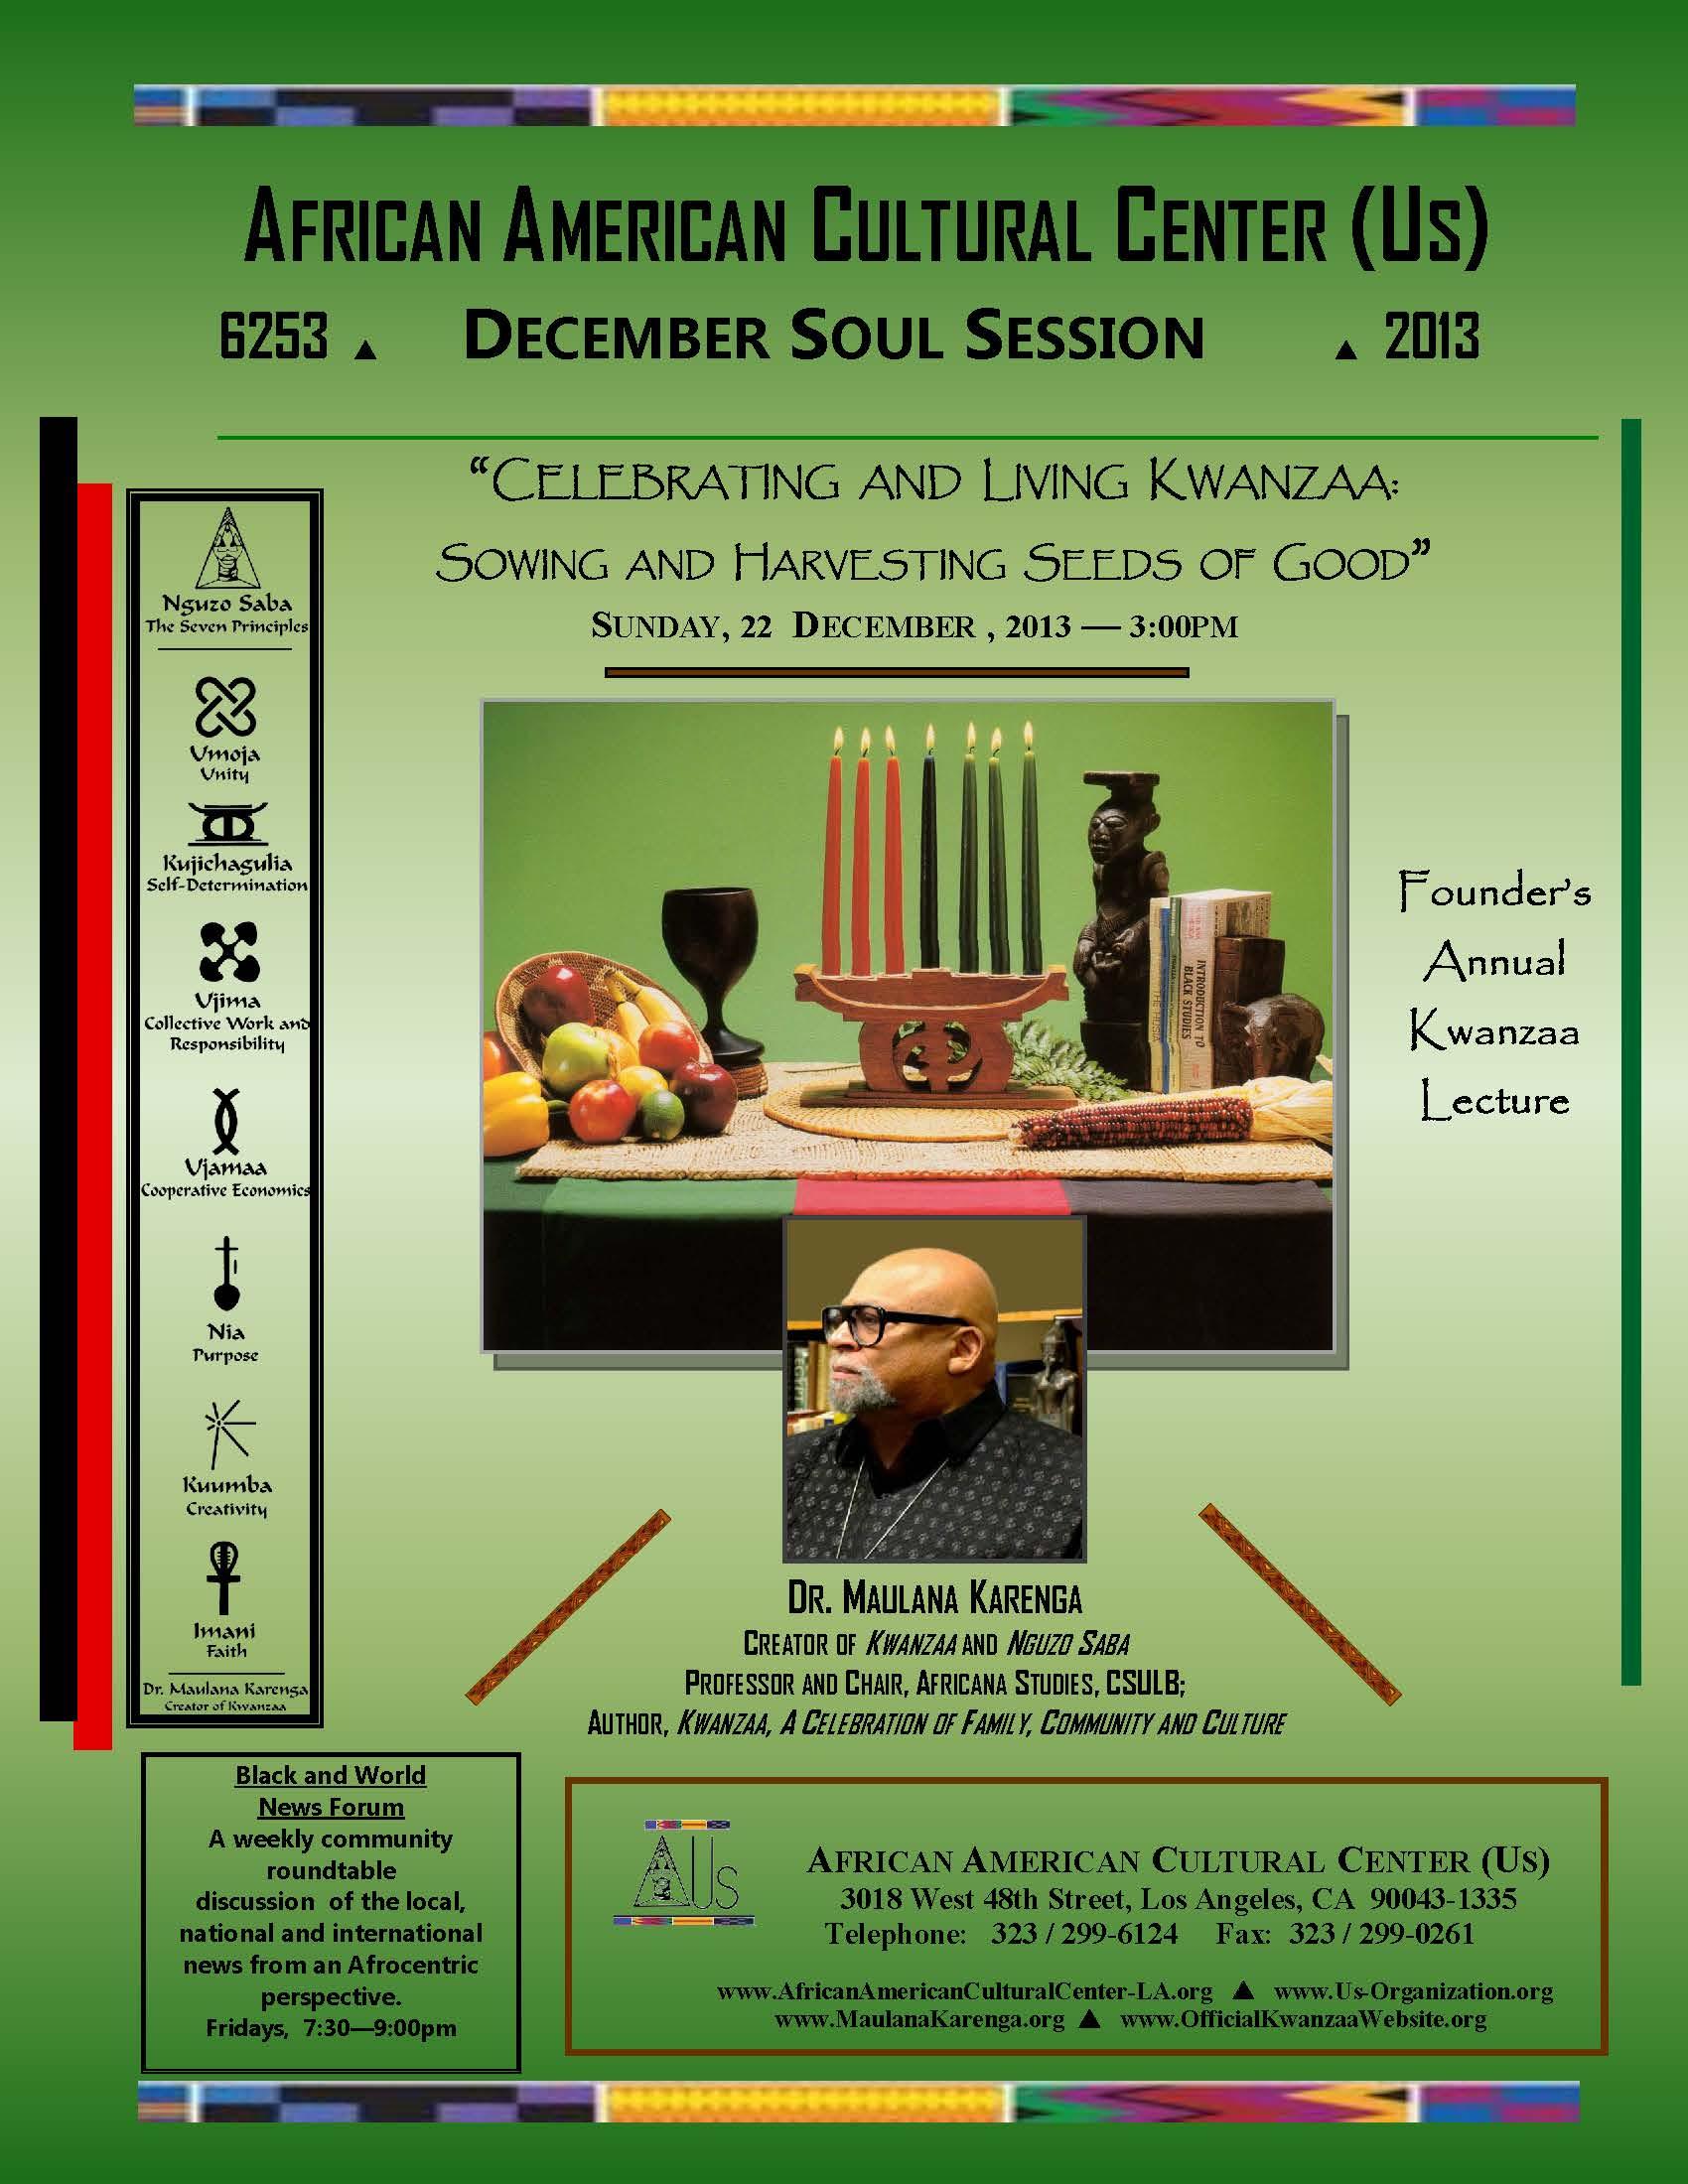 12-22-23 Dr. Maulana Karenga--Kwanzaa